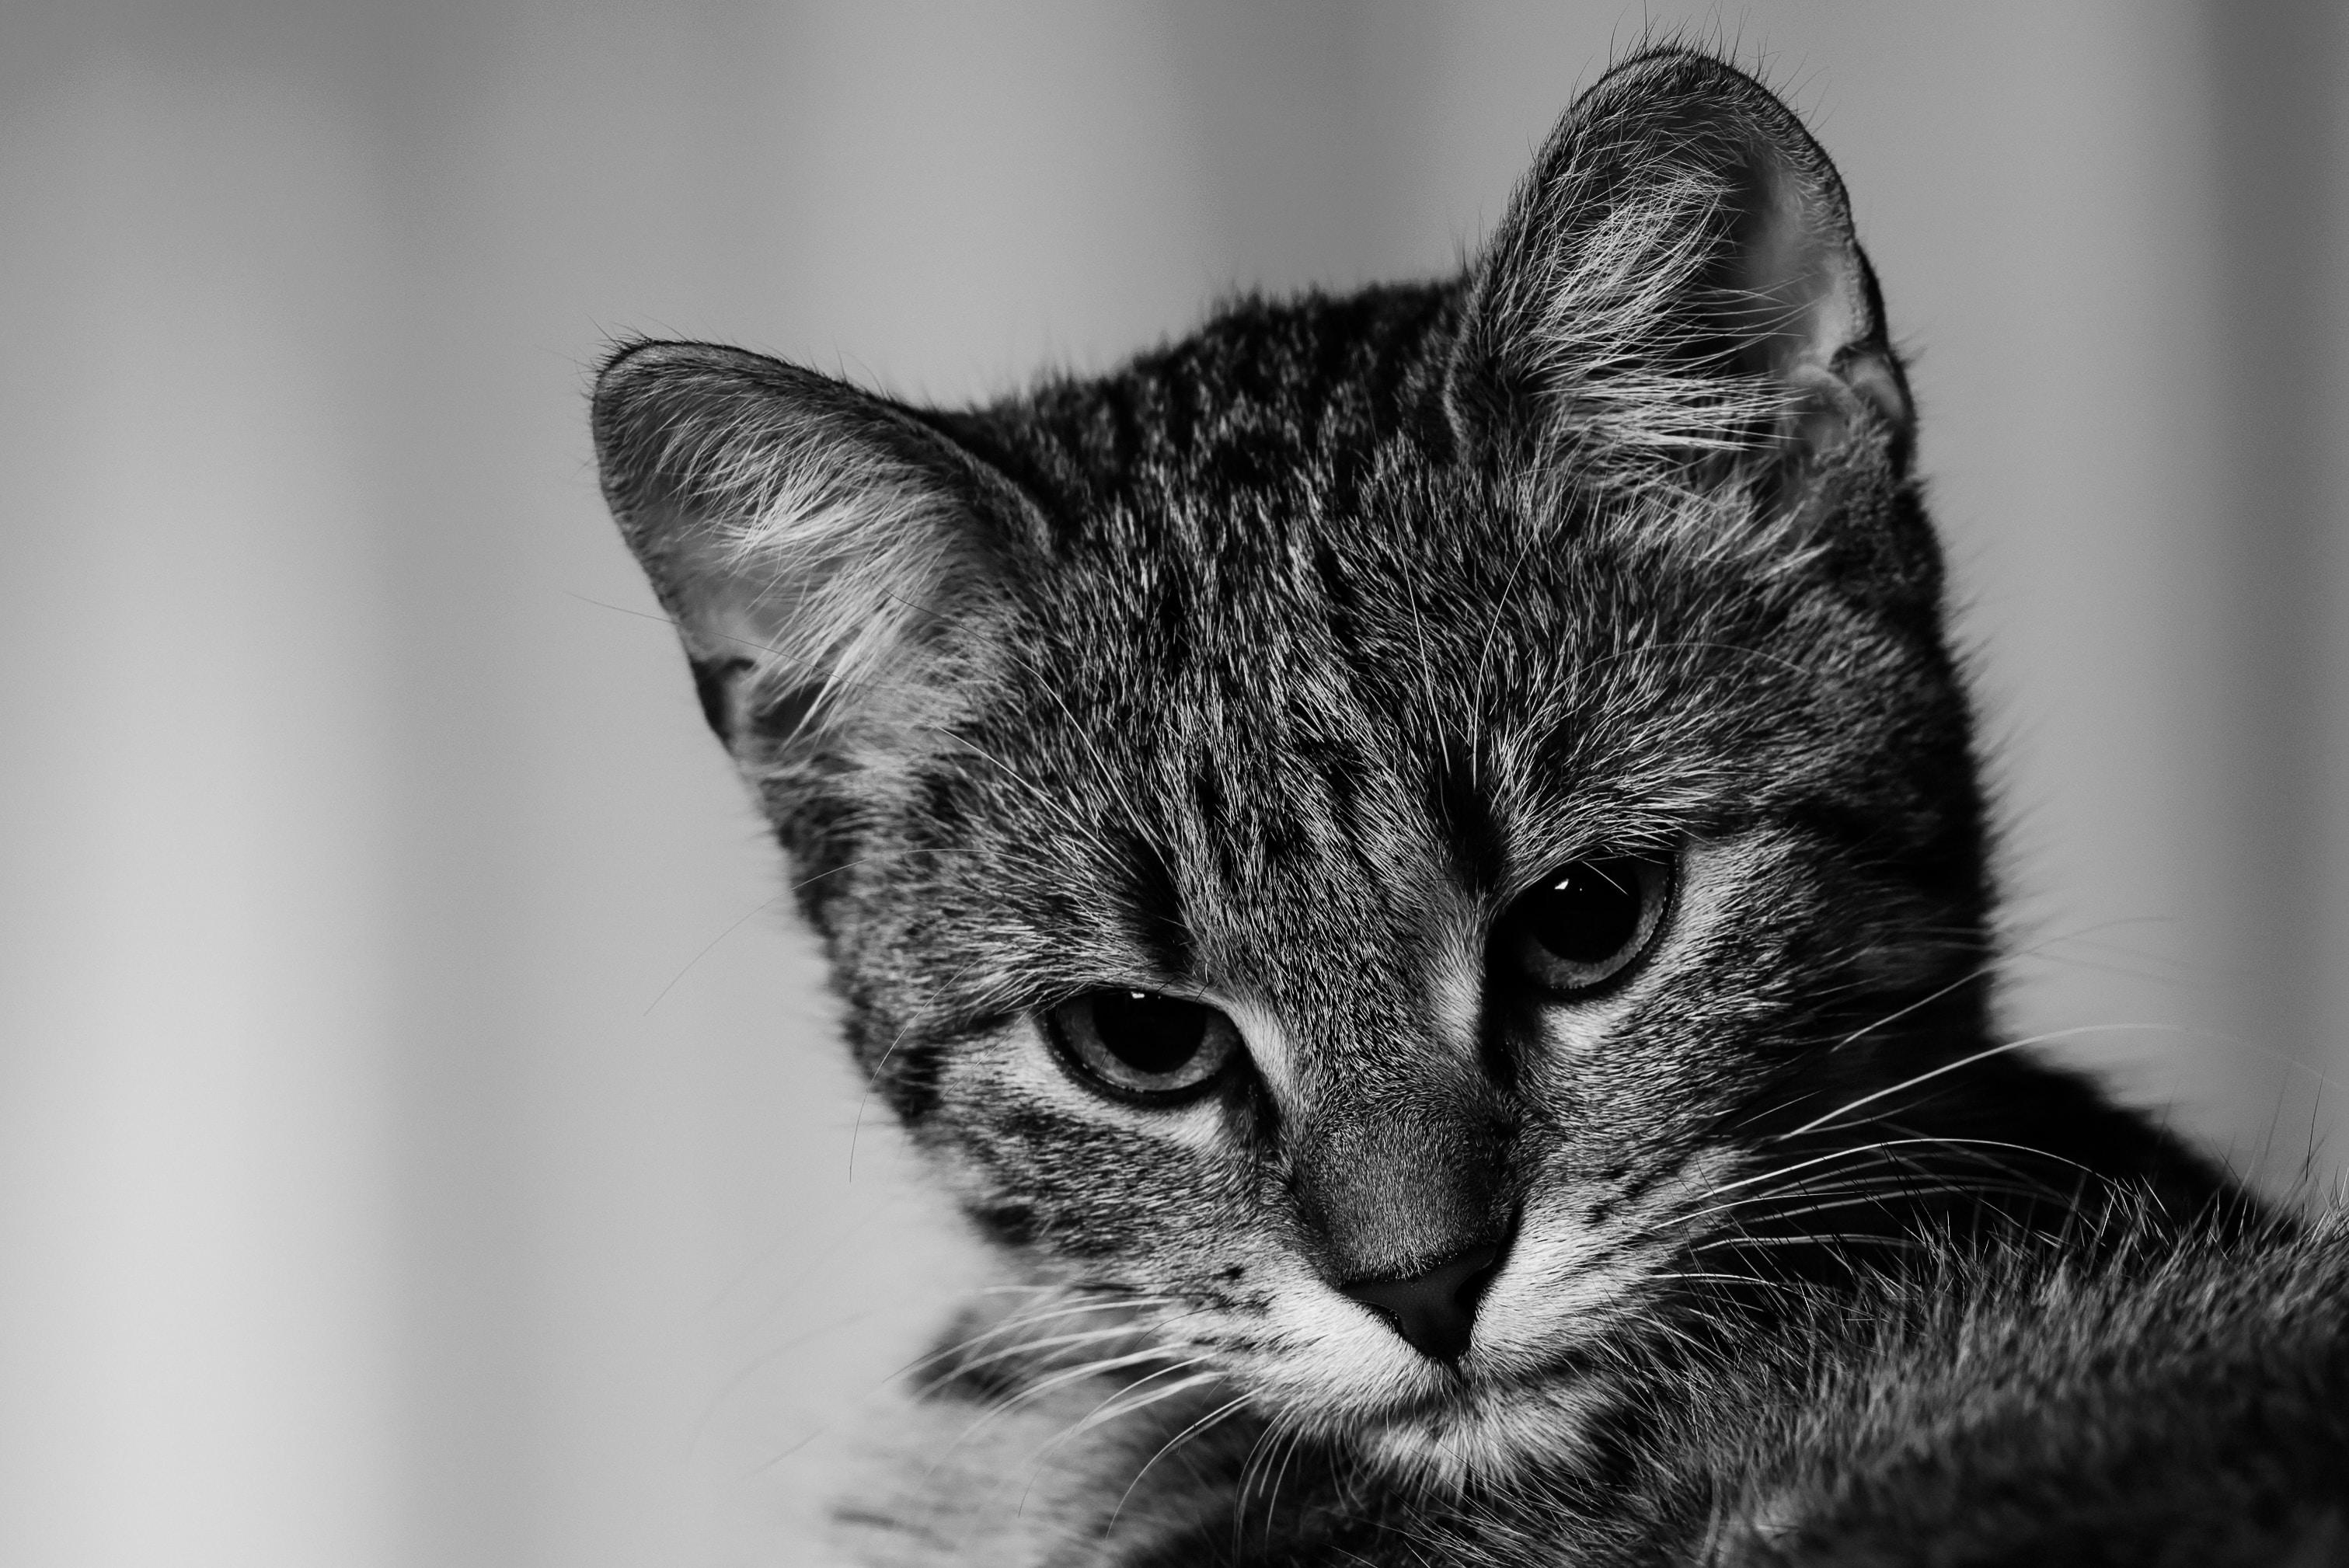 grayscale kitten